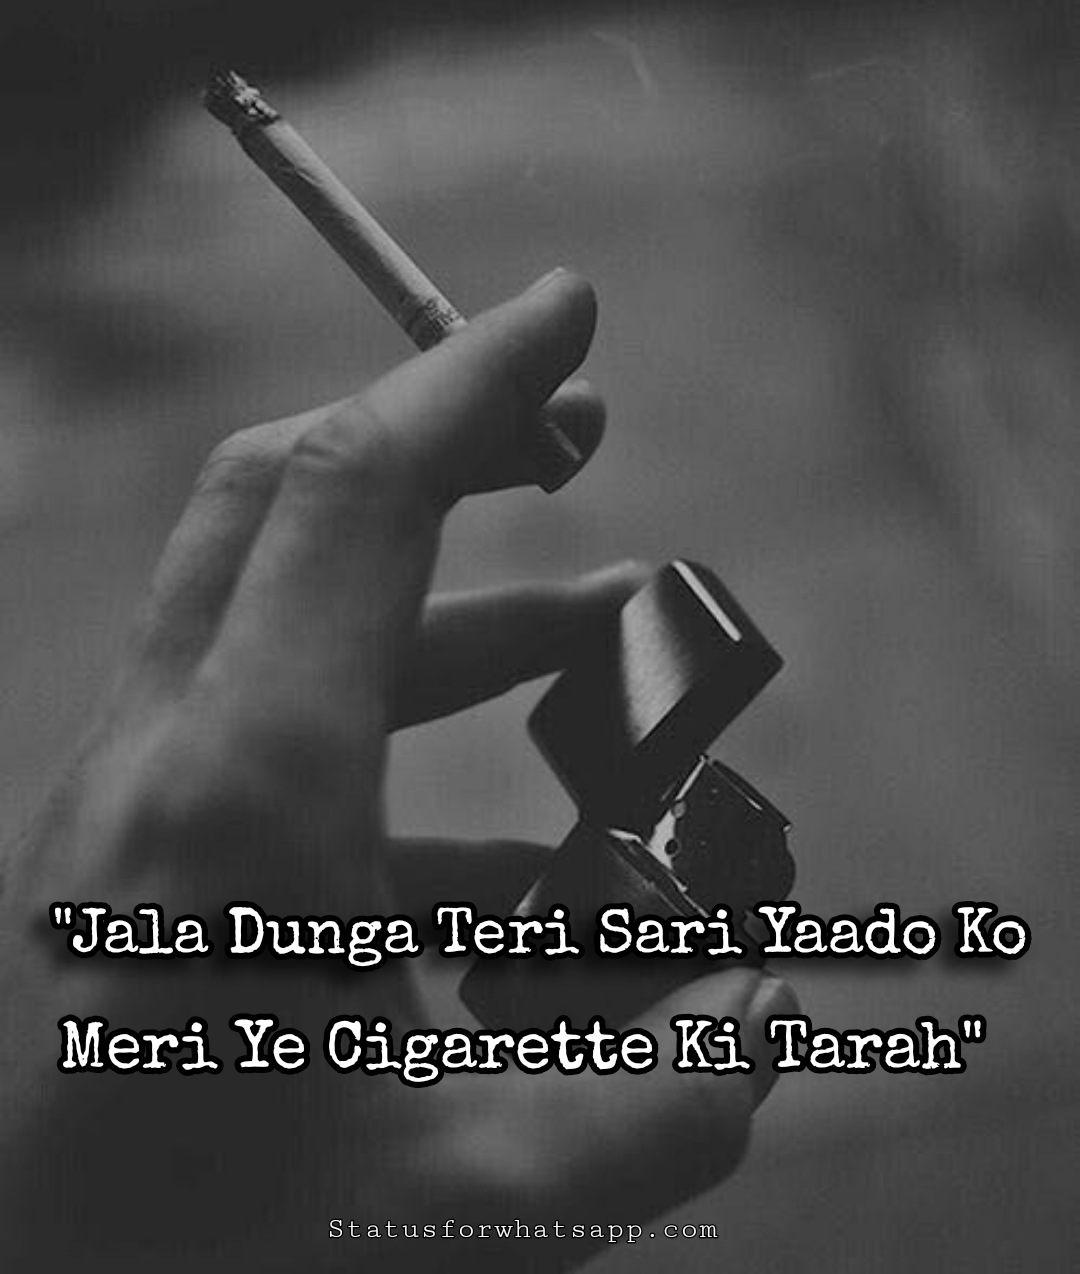 Cigarettes Status